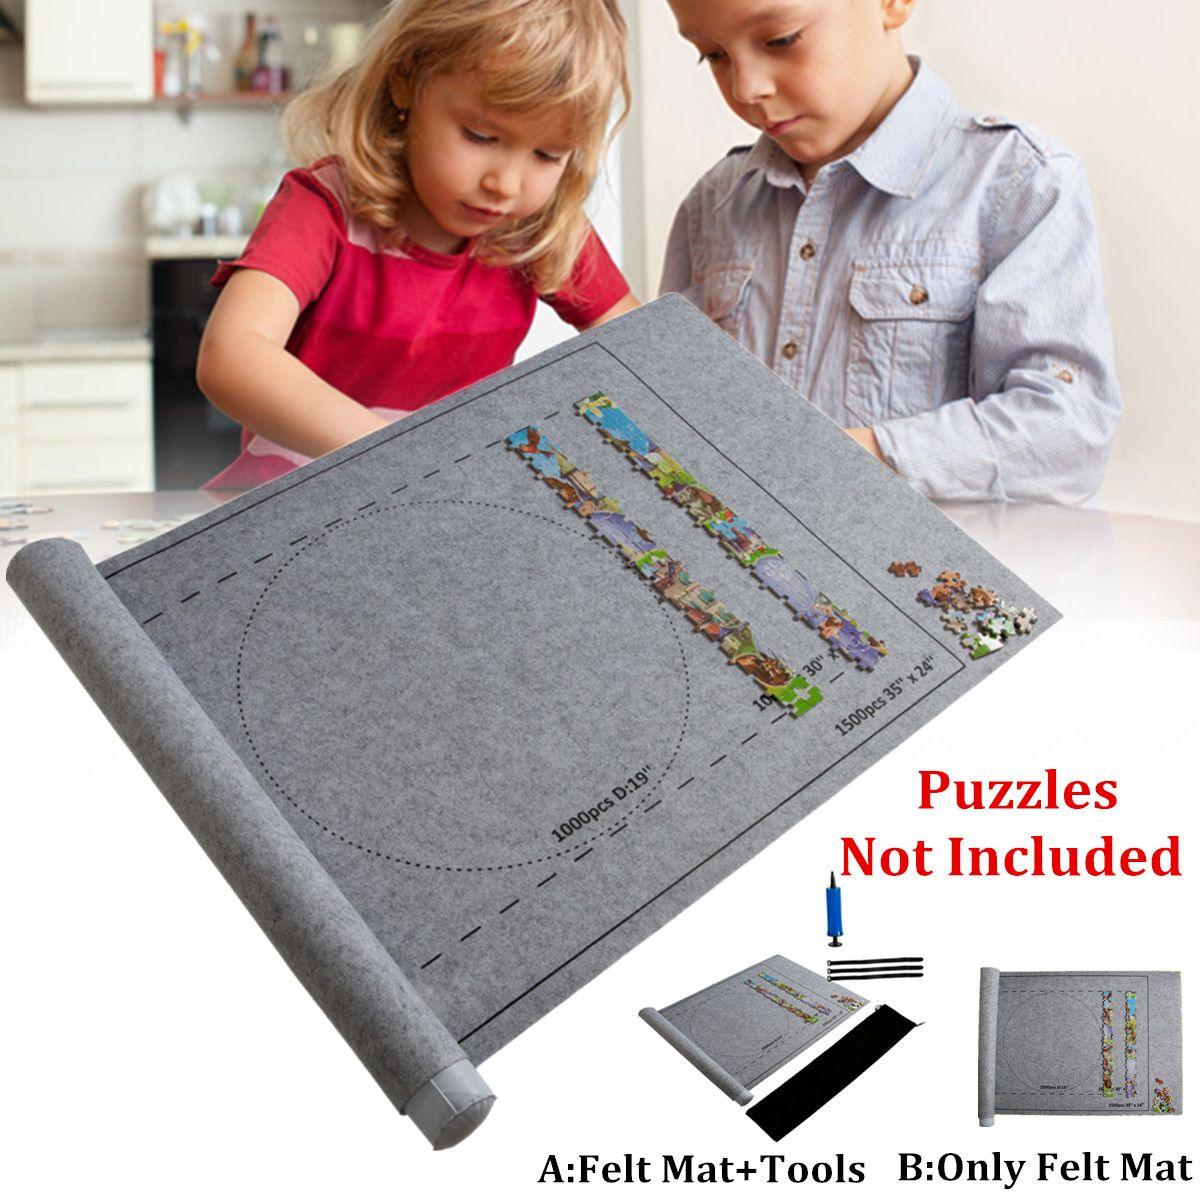 Puzzles Cobertor Para Até 1500pcs Acessórios Jigsaw Puzzles Mat Mat Roll Esteira do Jogo Grande Portátil Saco de Armazenamento de Viagem para o Brinquedo do Miúdo